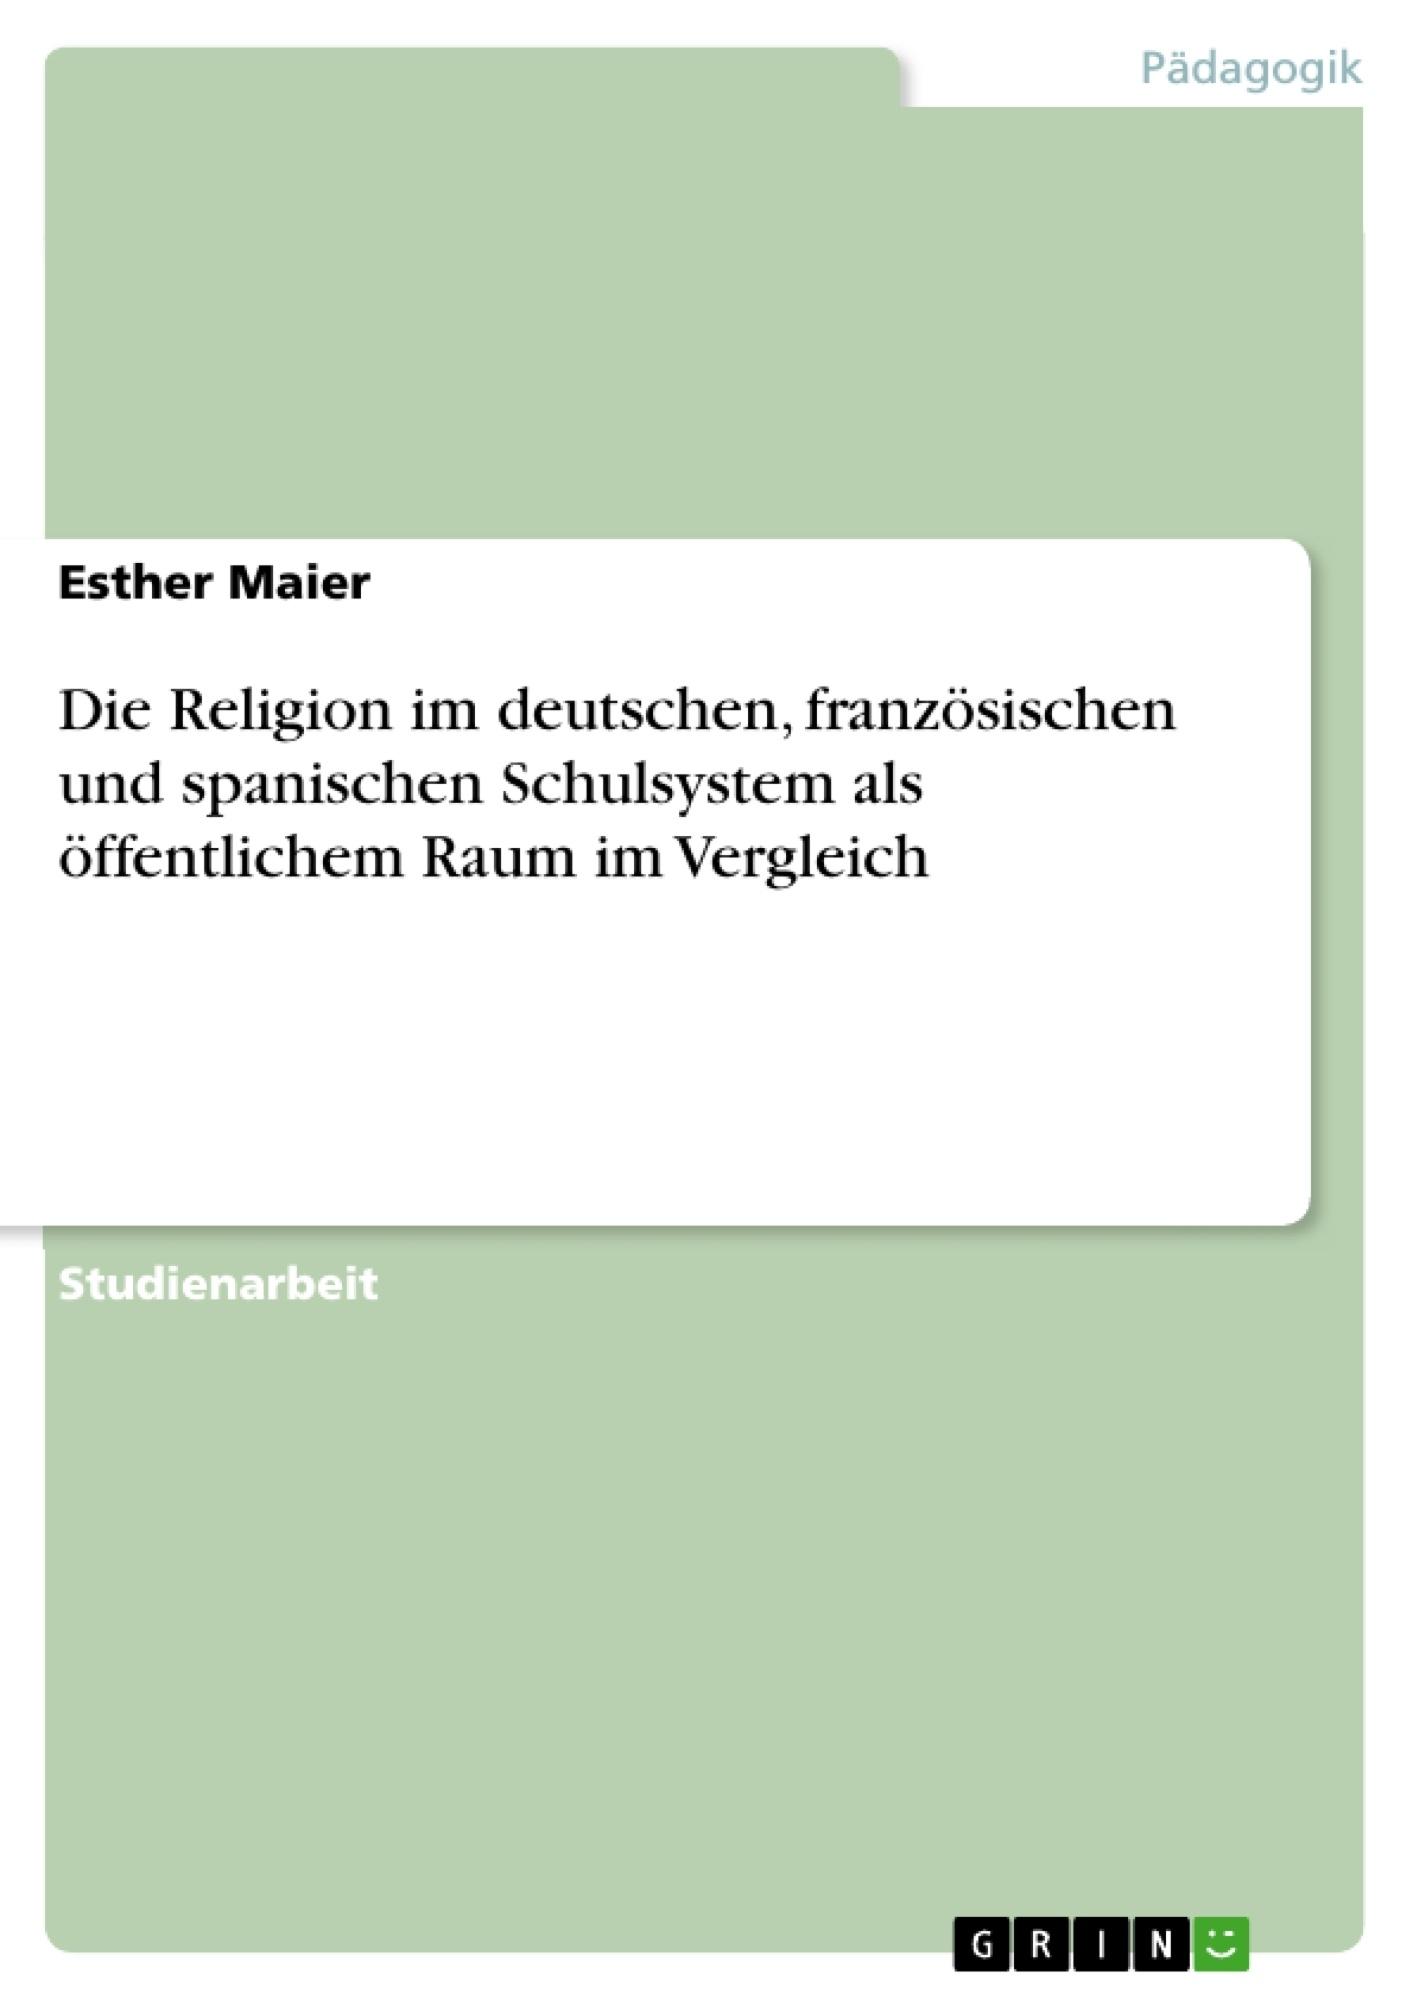 Titel: Die Religion im deutschen, französischen und spanischen Schulsystem als öffentlichem Raum im Vergleich